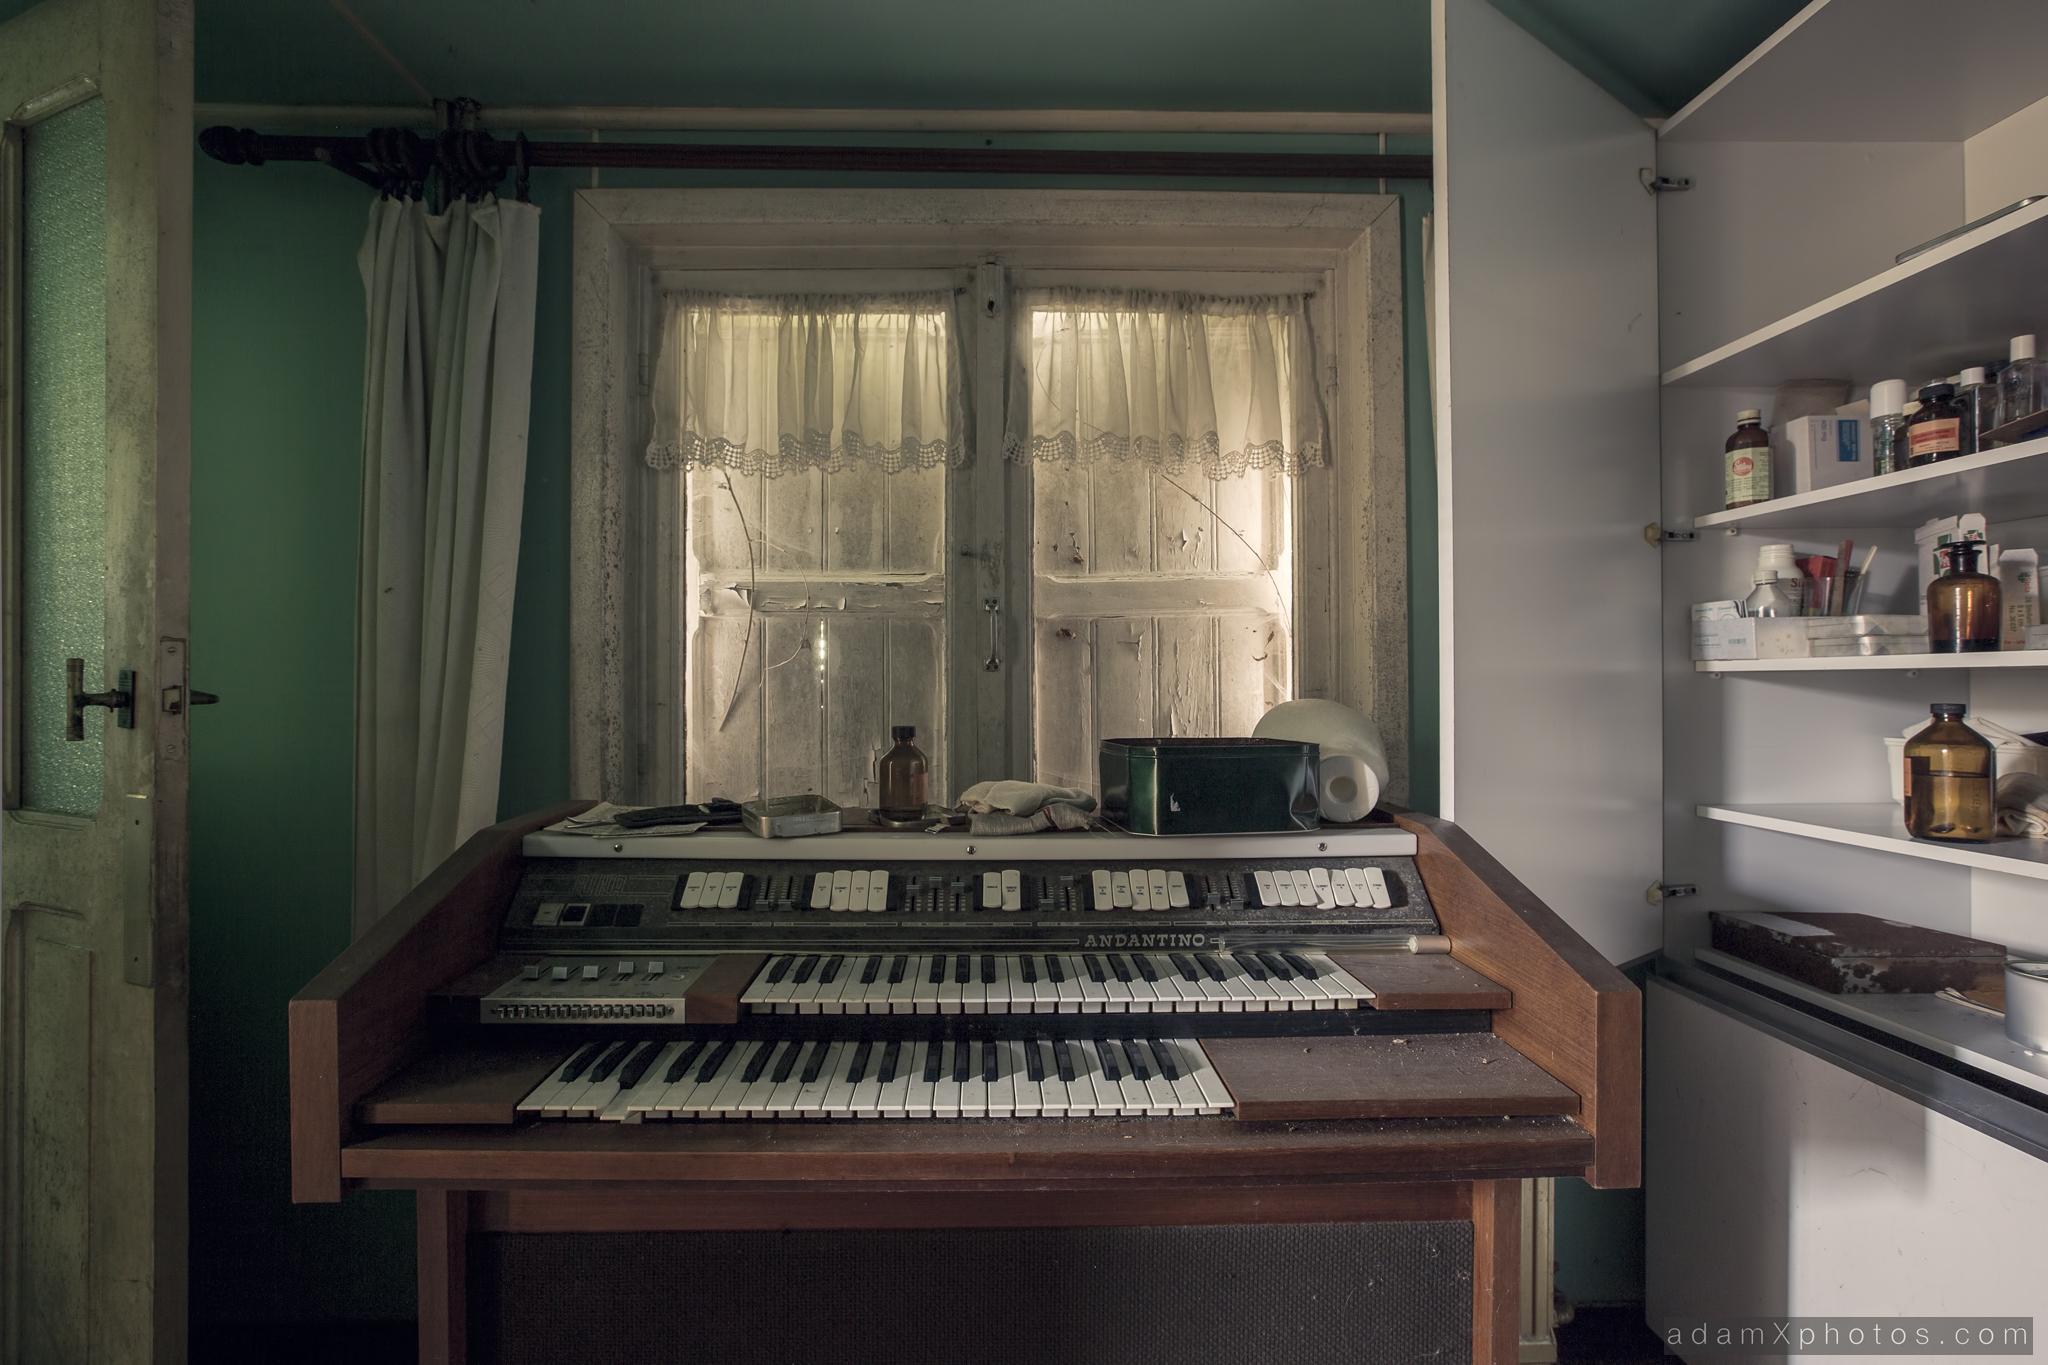 Maison Clementine - organ